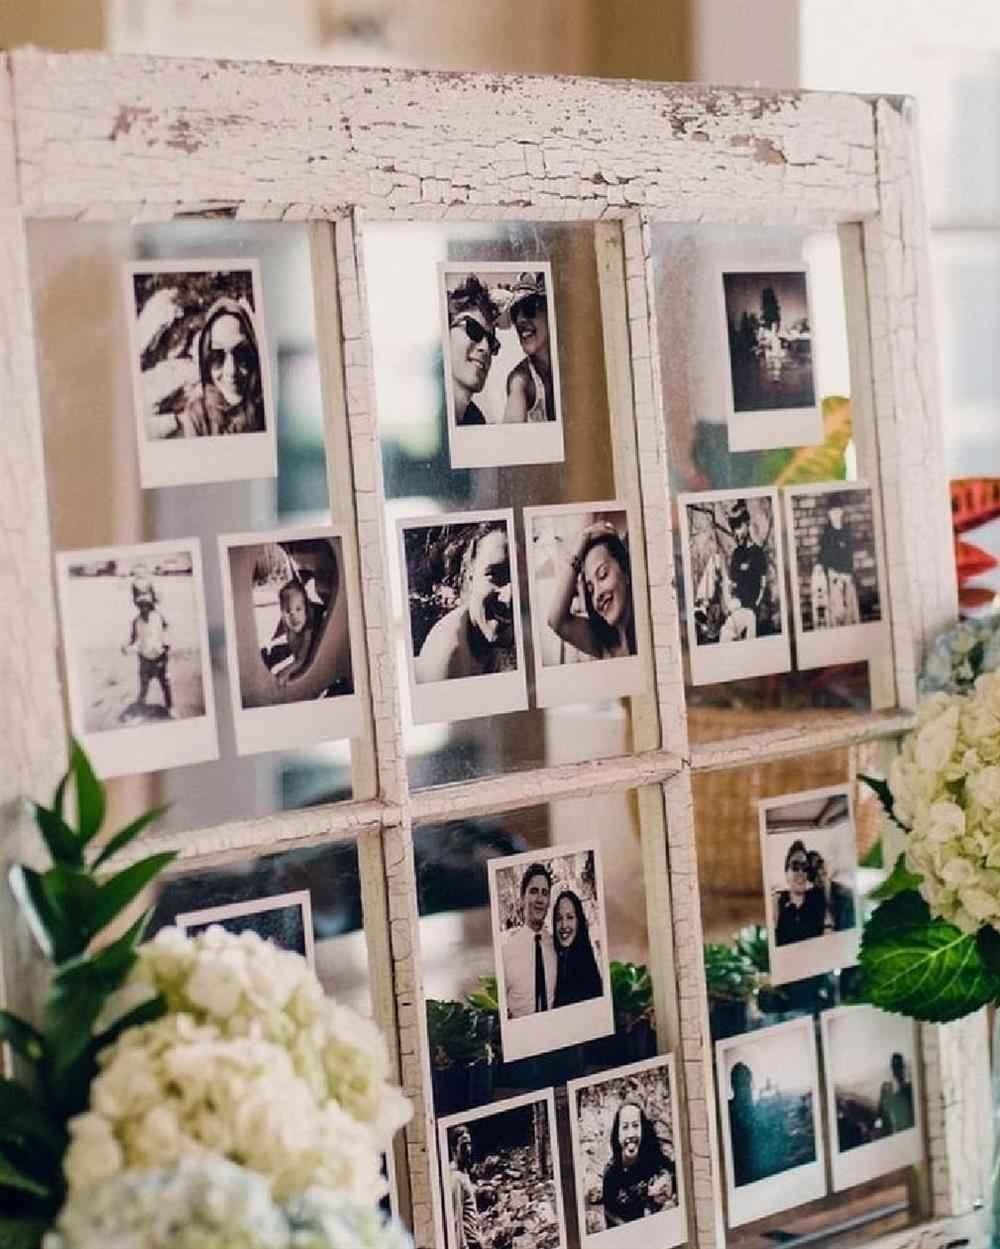 mural de fotos em janela velha